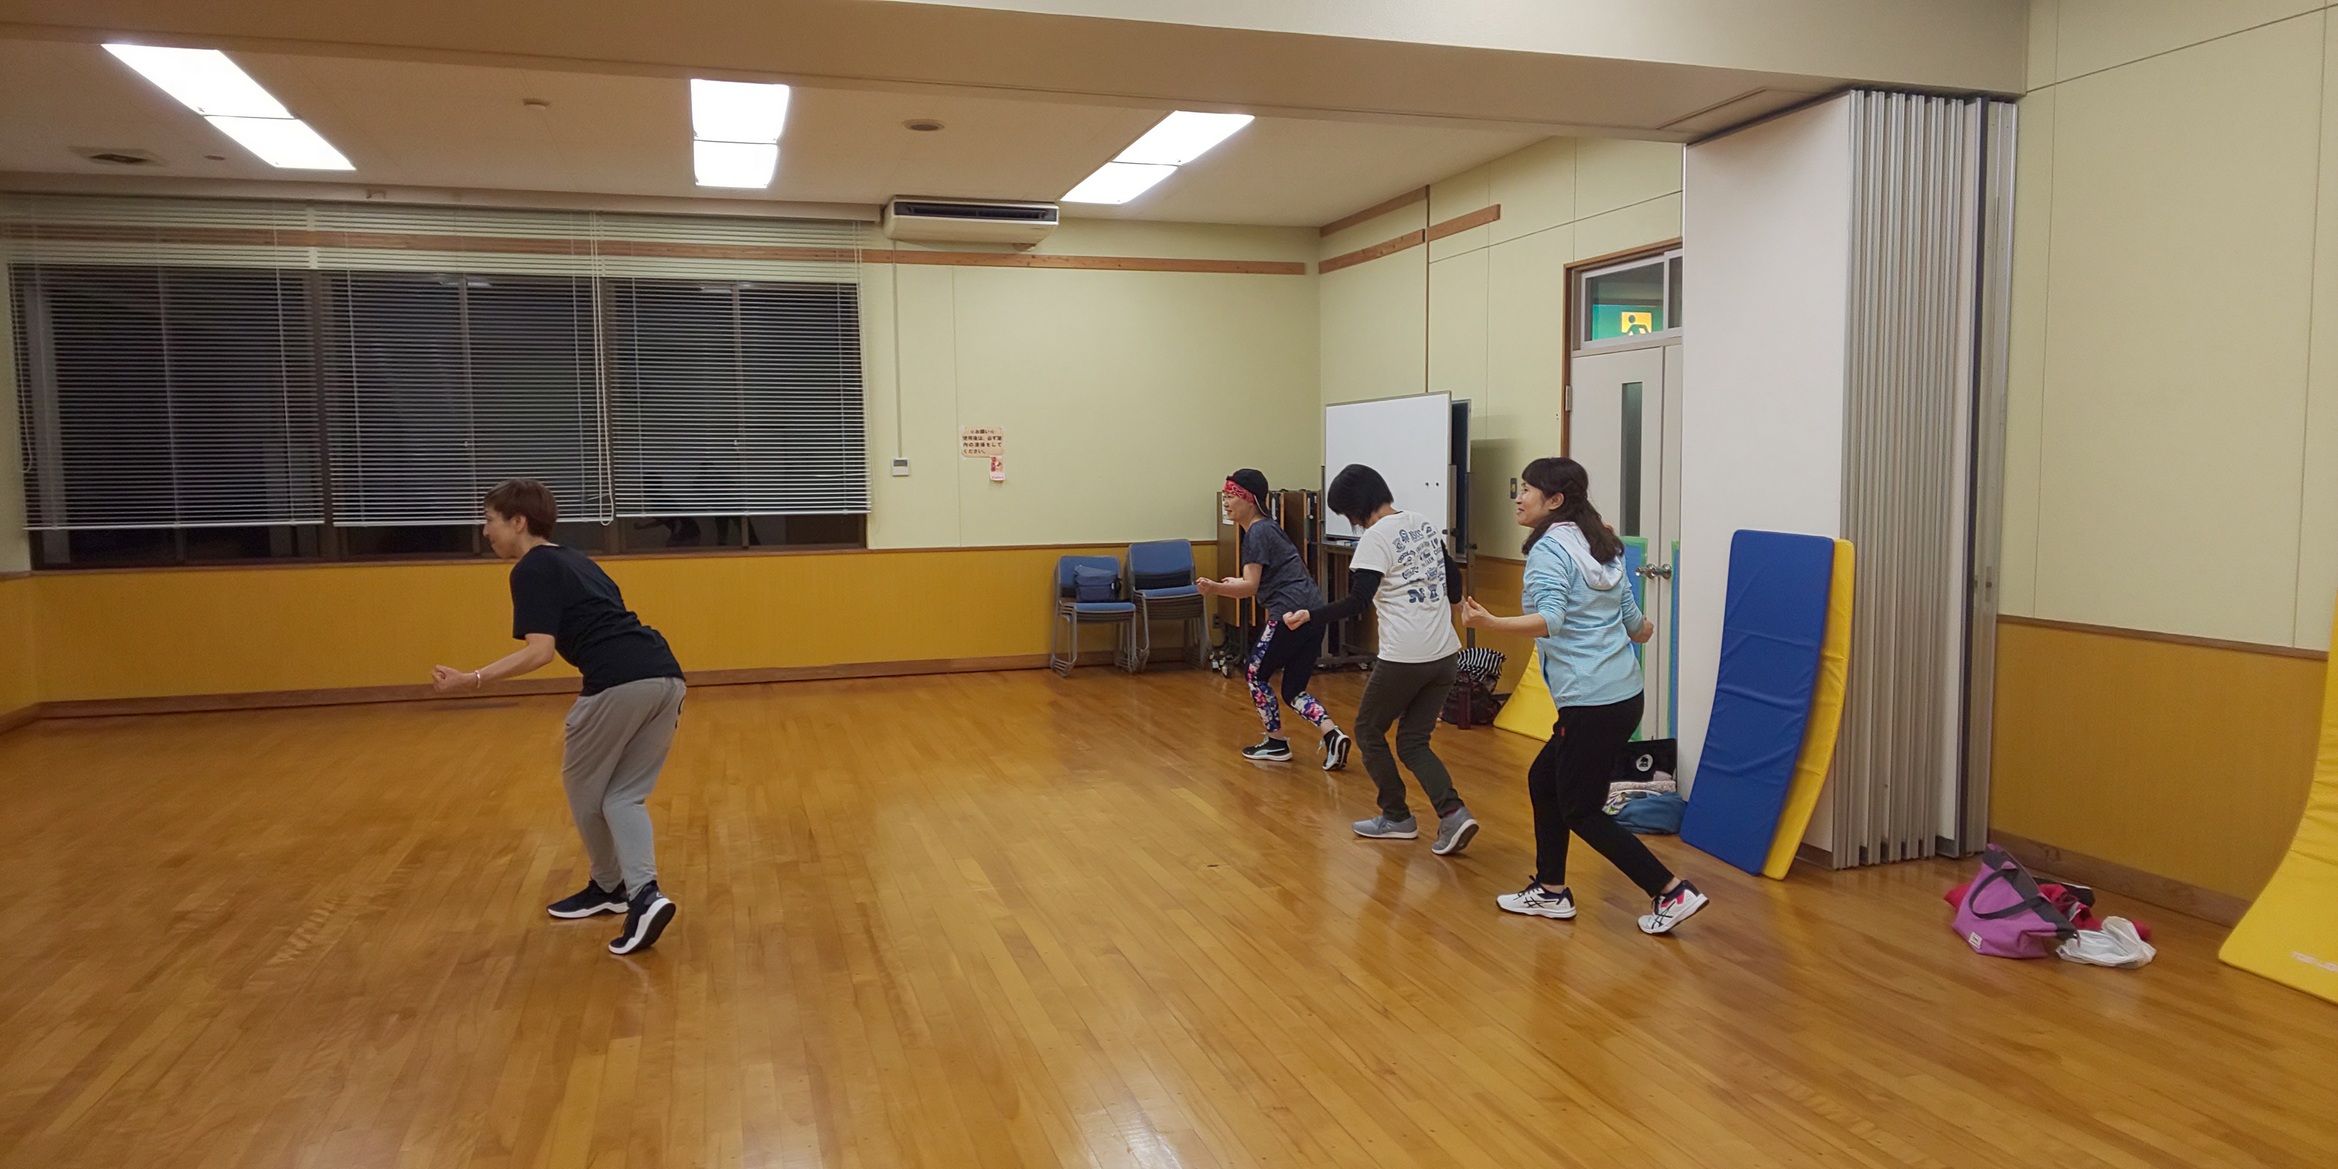 かんたんエアロダンス&リラクゼーションストレッチ @ 三和スポーツセンター